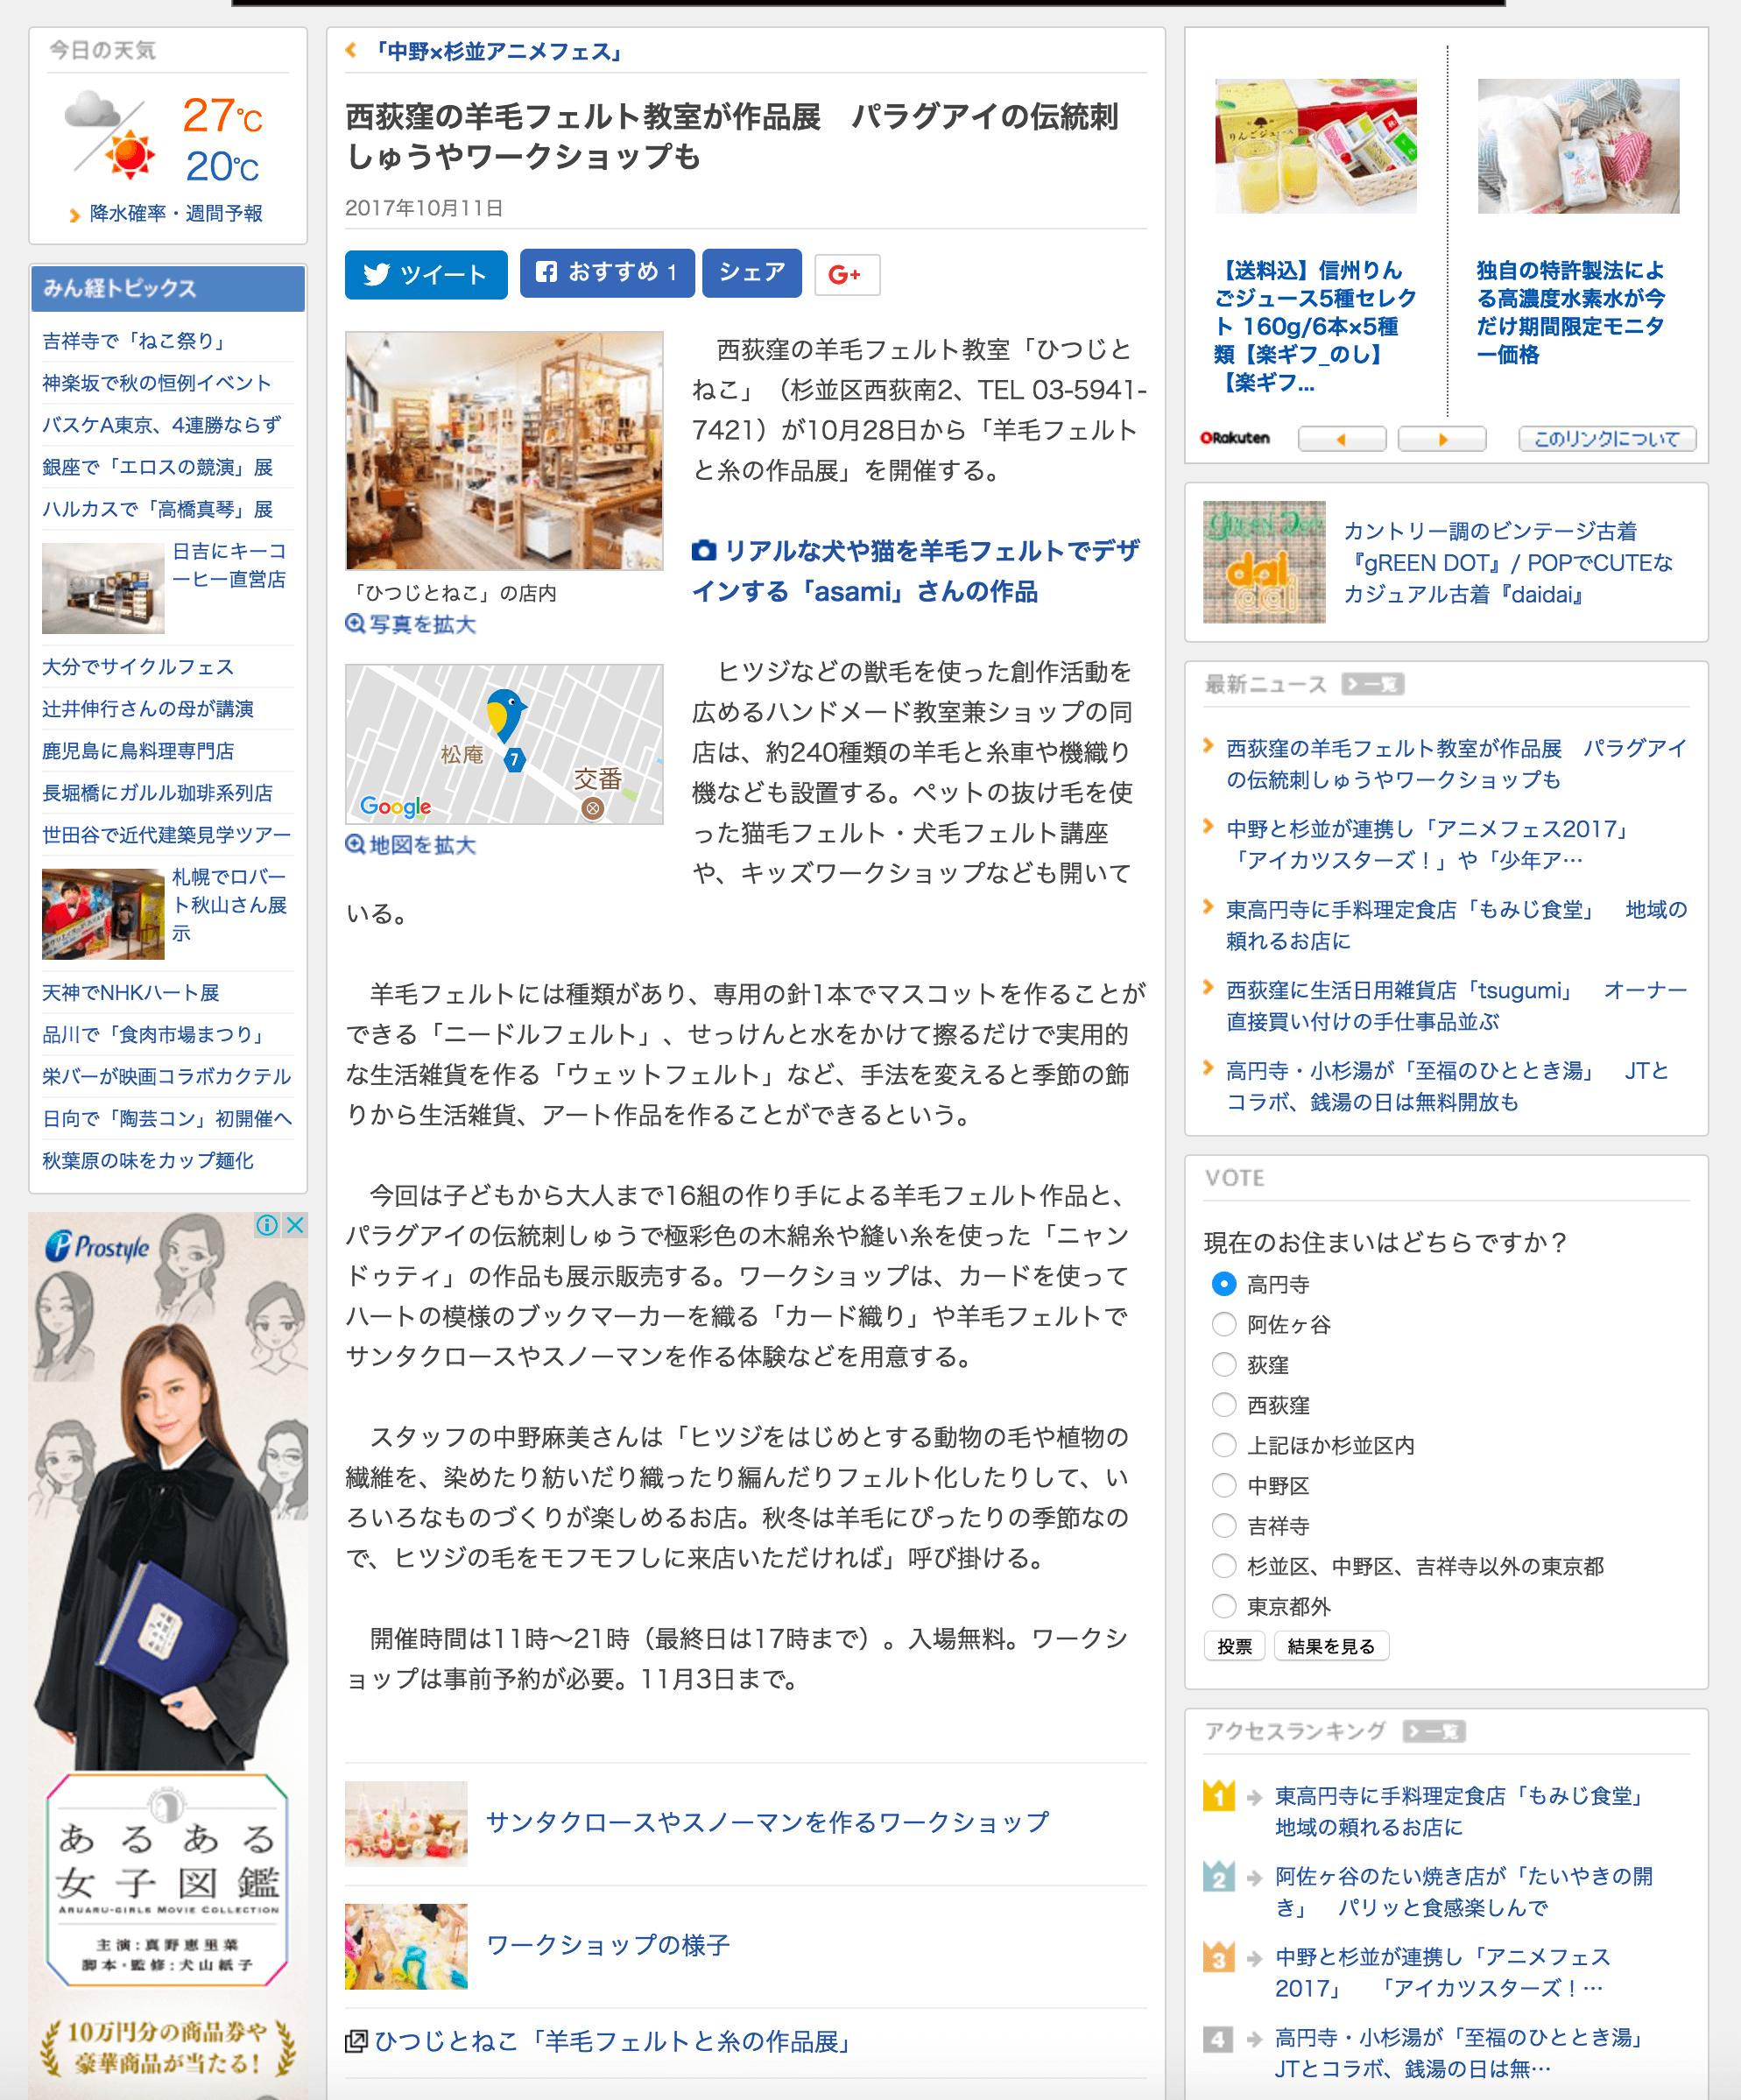 高円寺経済新聞